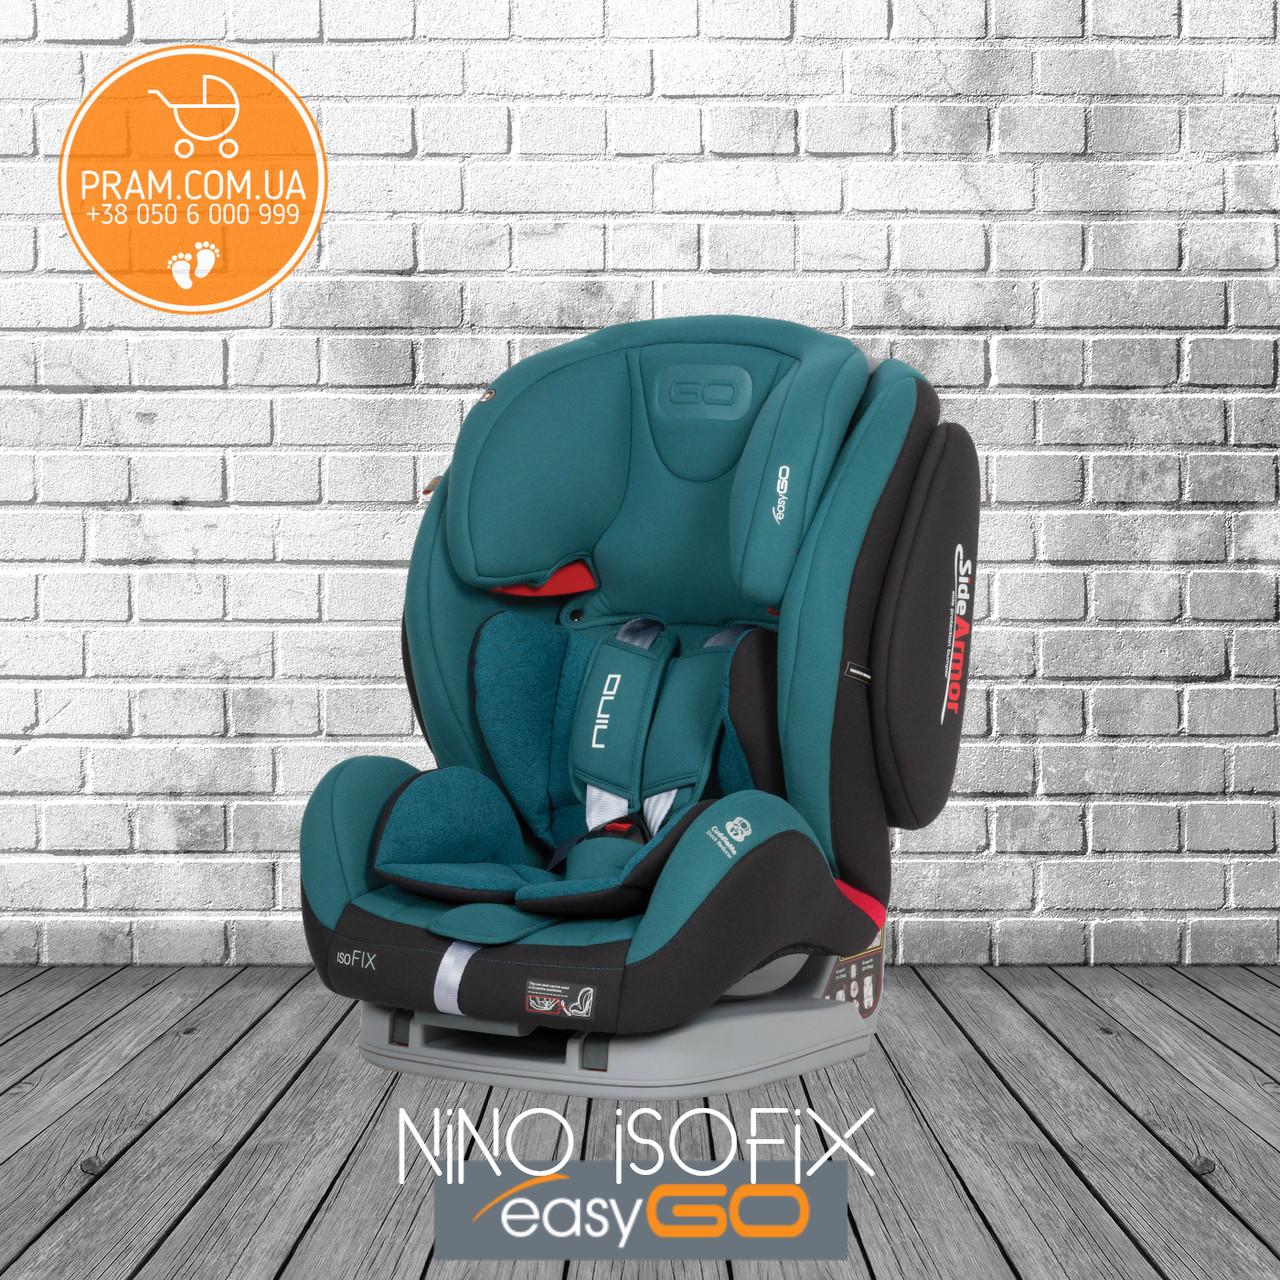 EasyGO NINO ISOFIX автокресло группы 1-2-3 (9-36 kg) Adriatic Бирюзовый